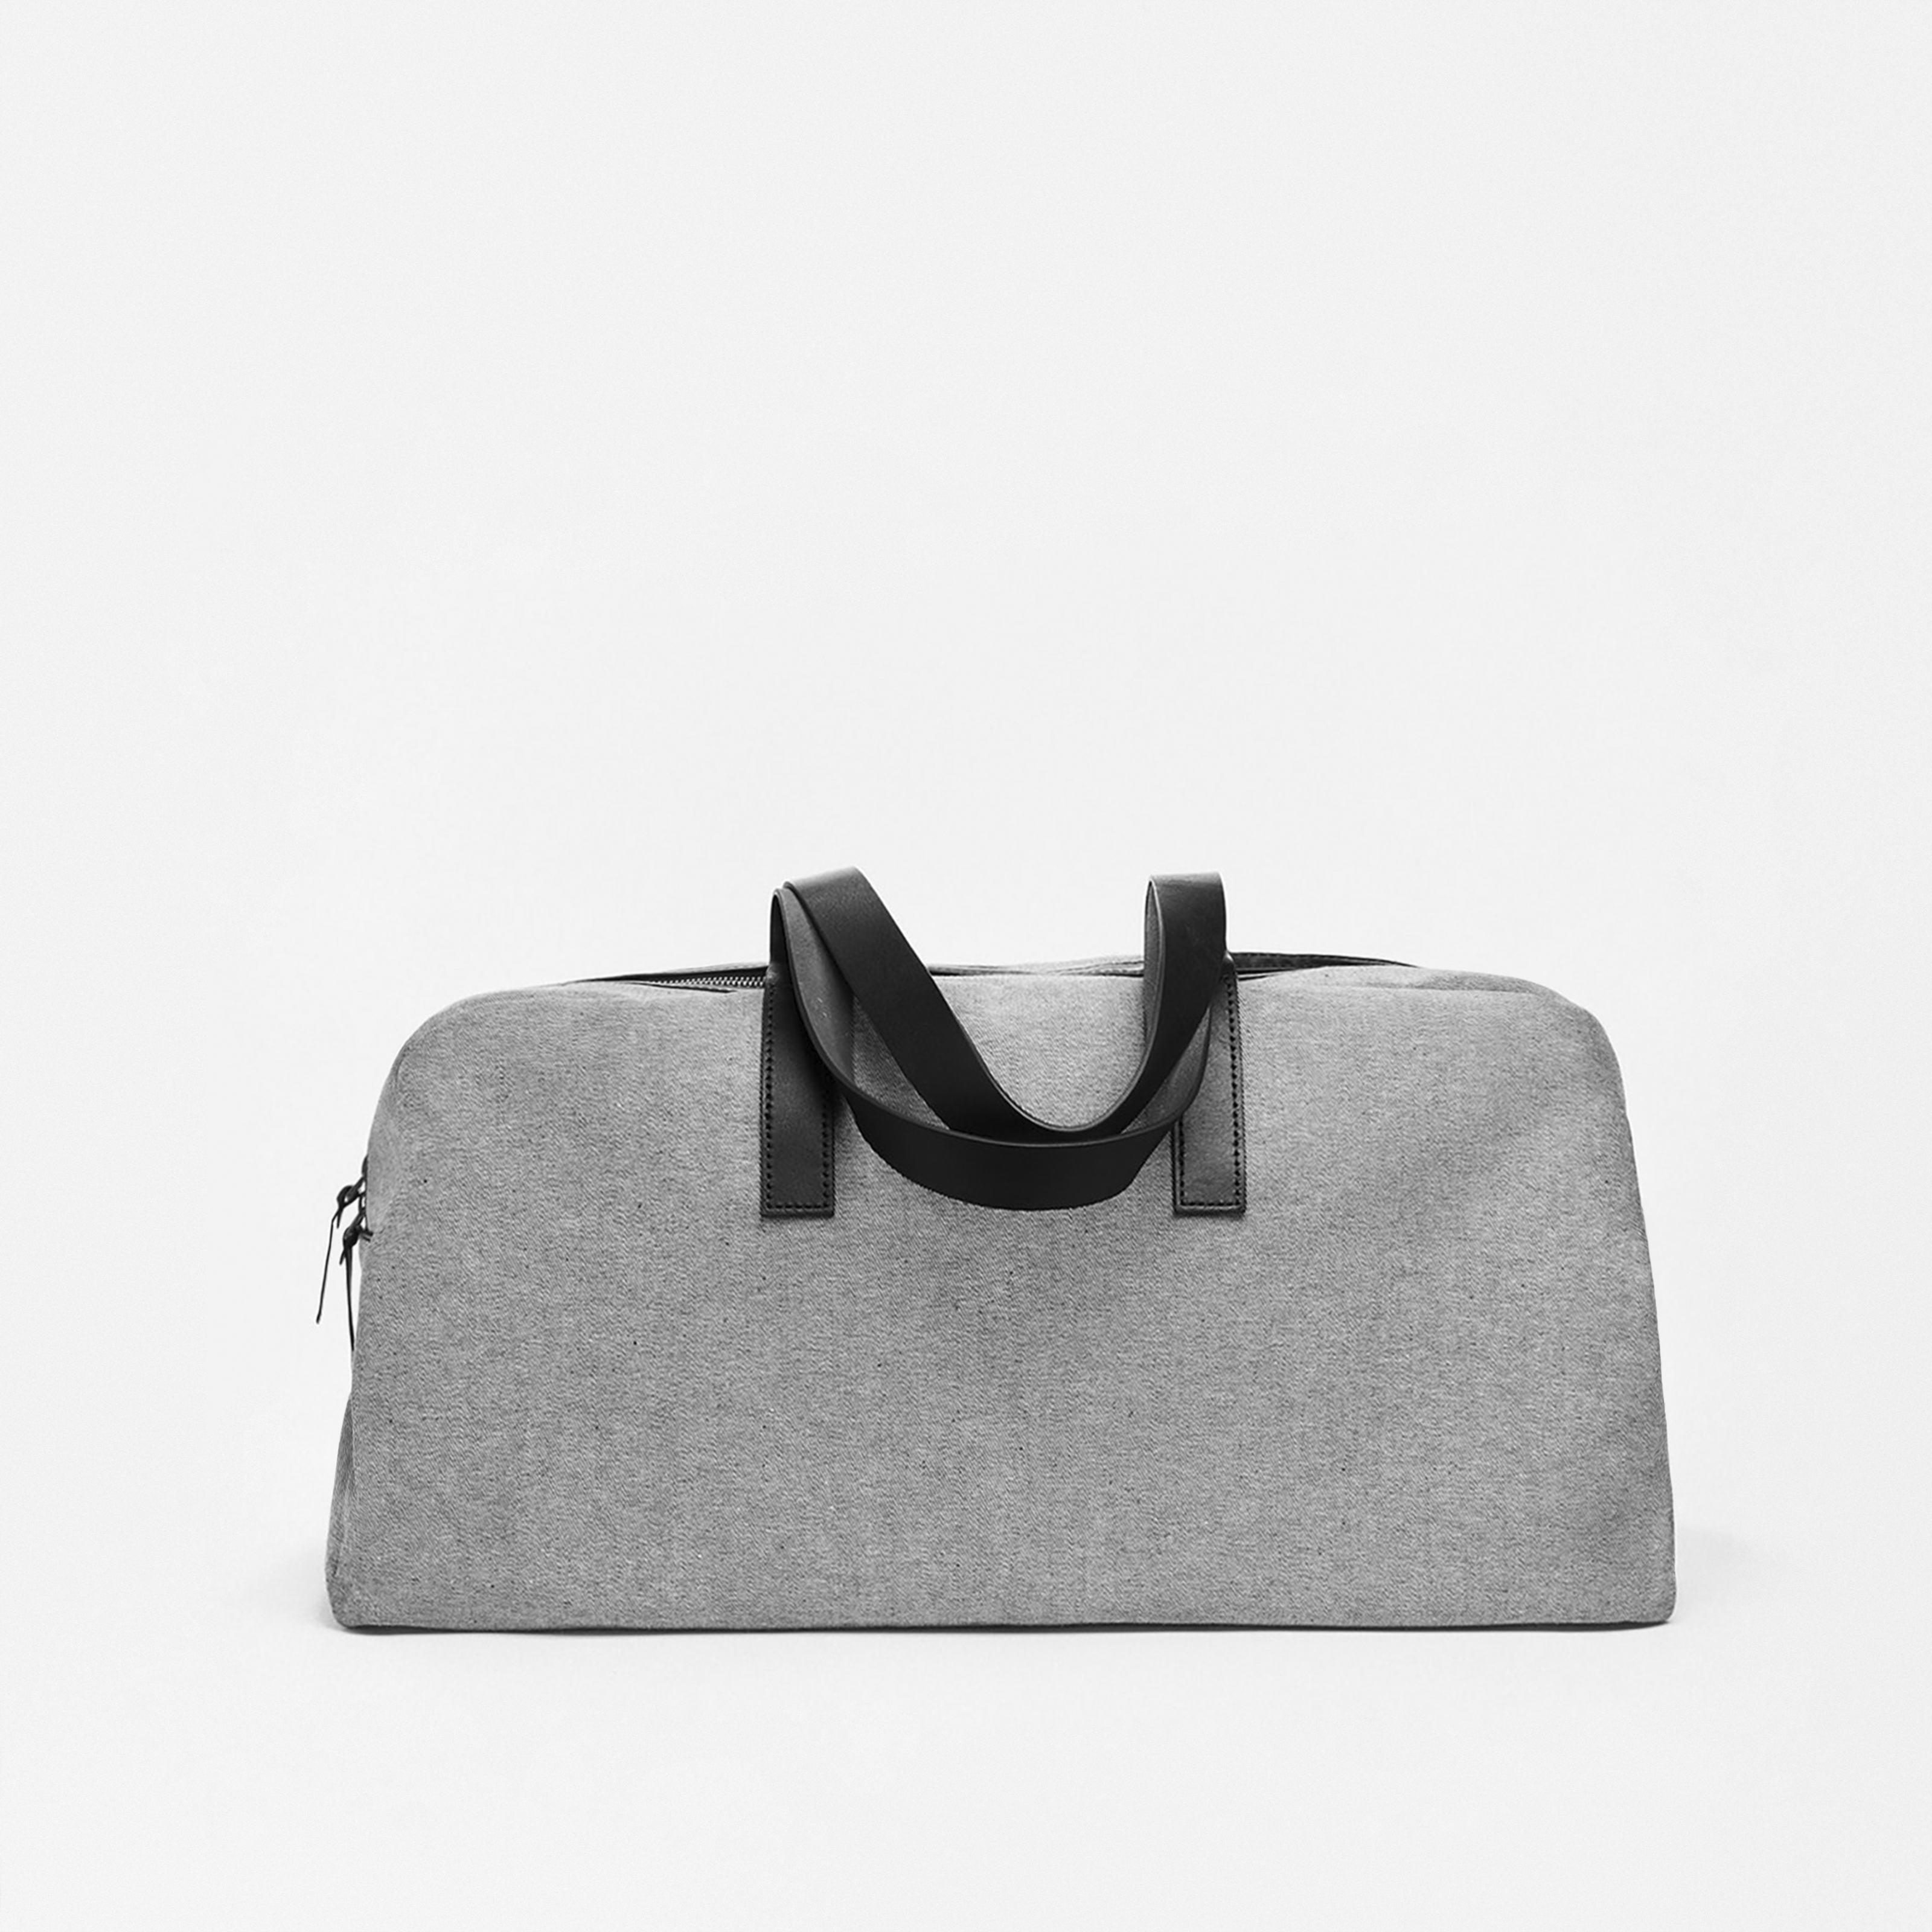 Twill Weekender Bag By Everlane In Denim/Black